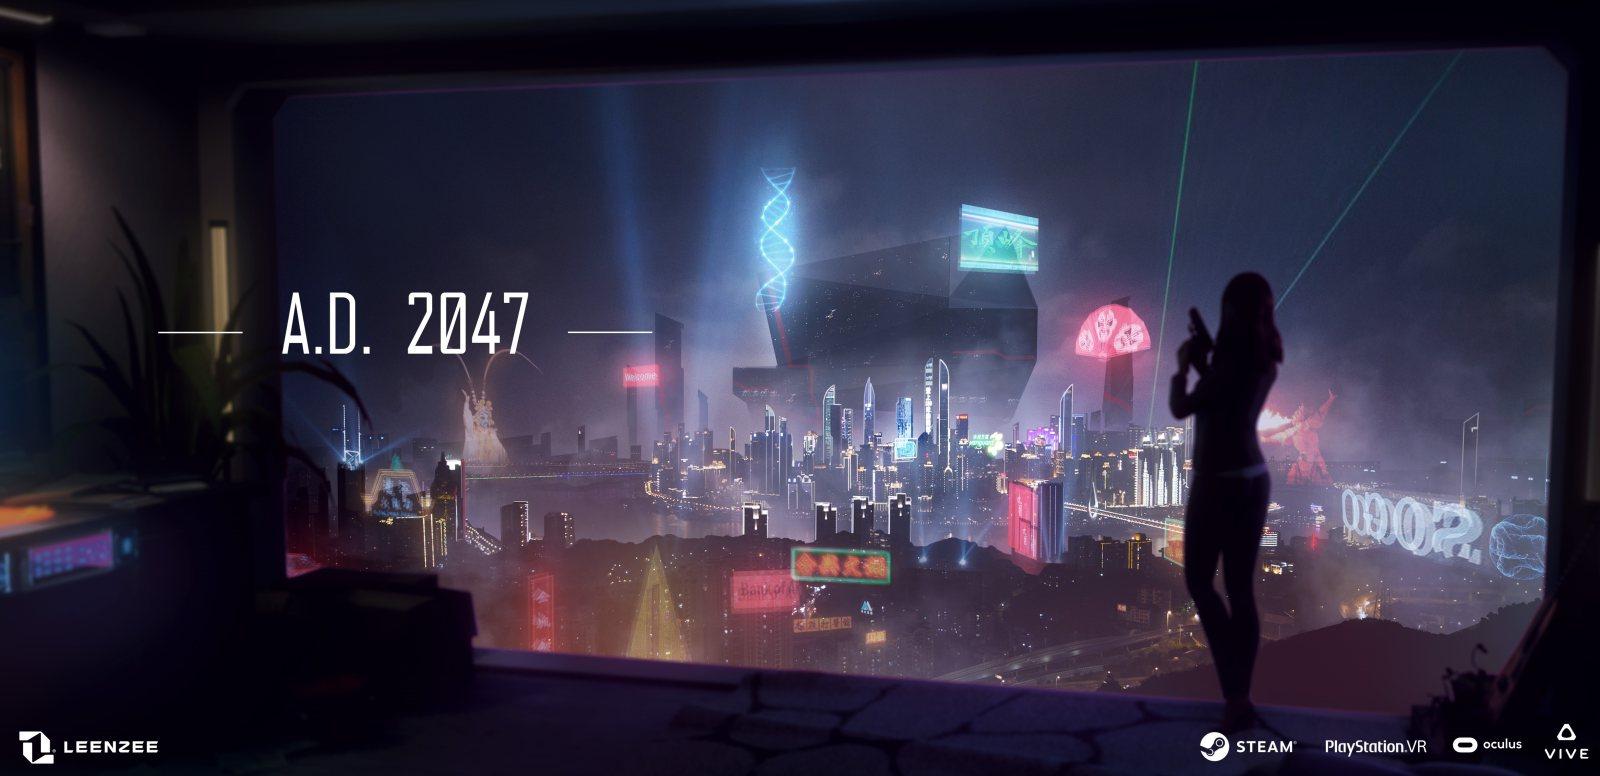 赛博朋克VR互动电影游戏《A.D. 2047》定于2月26日在viveport发售